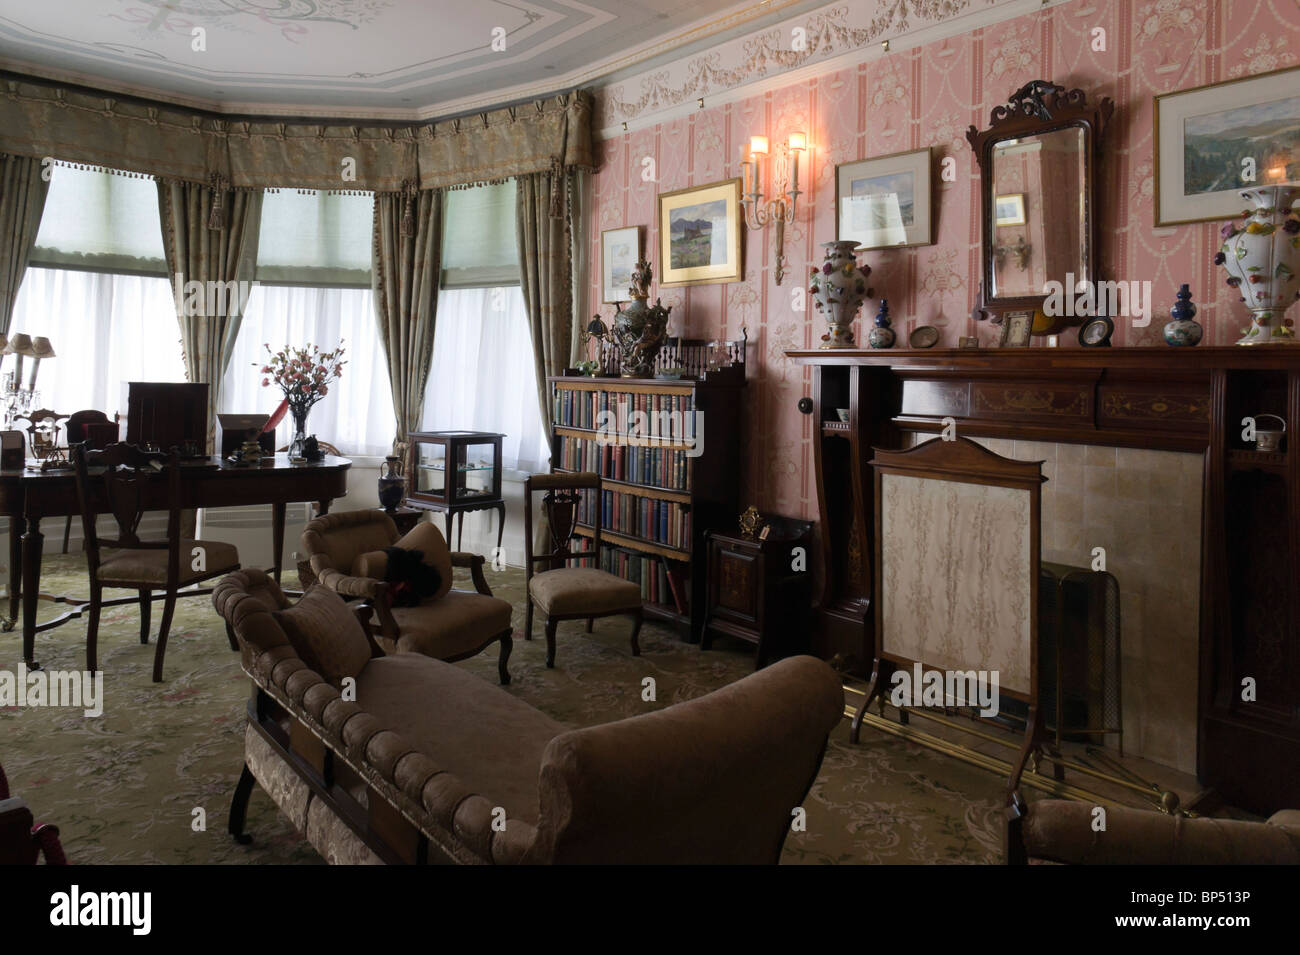 Cragside storica casa northumberland uk interni camera rosa